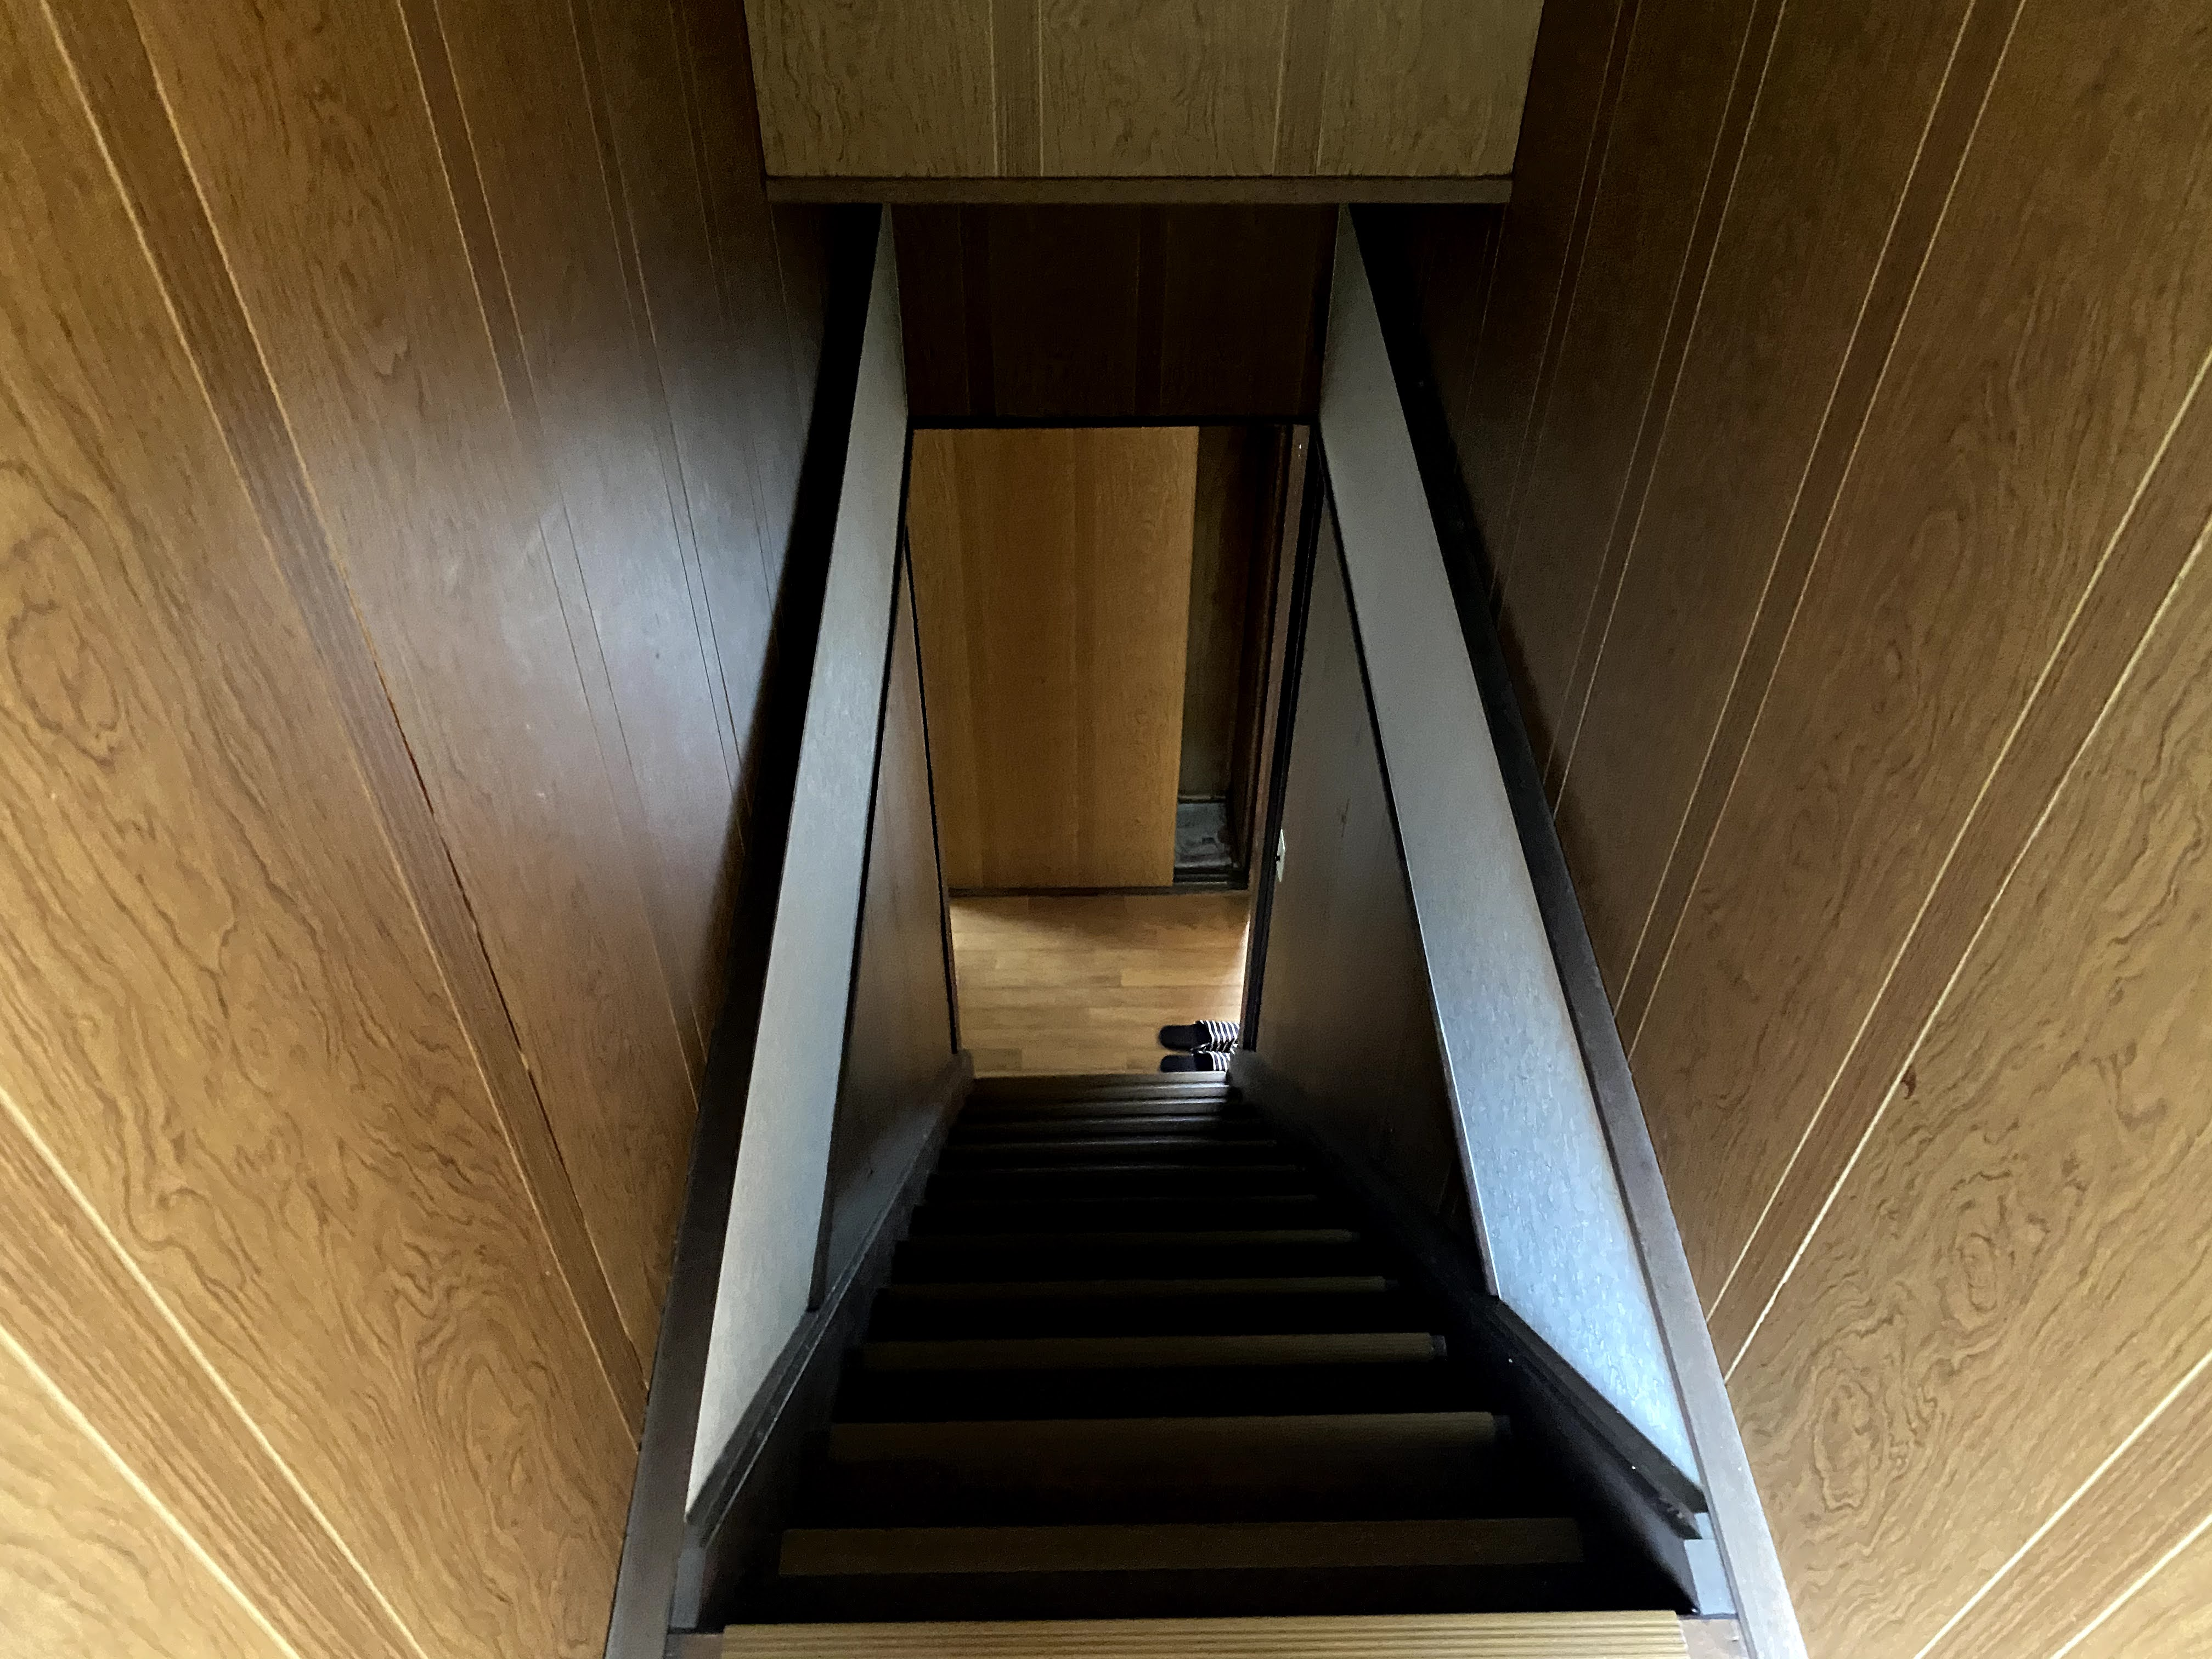 2階へ上がる階段の急さよ。これが昭和スタンダード。